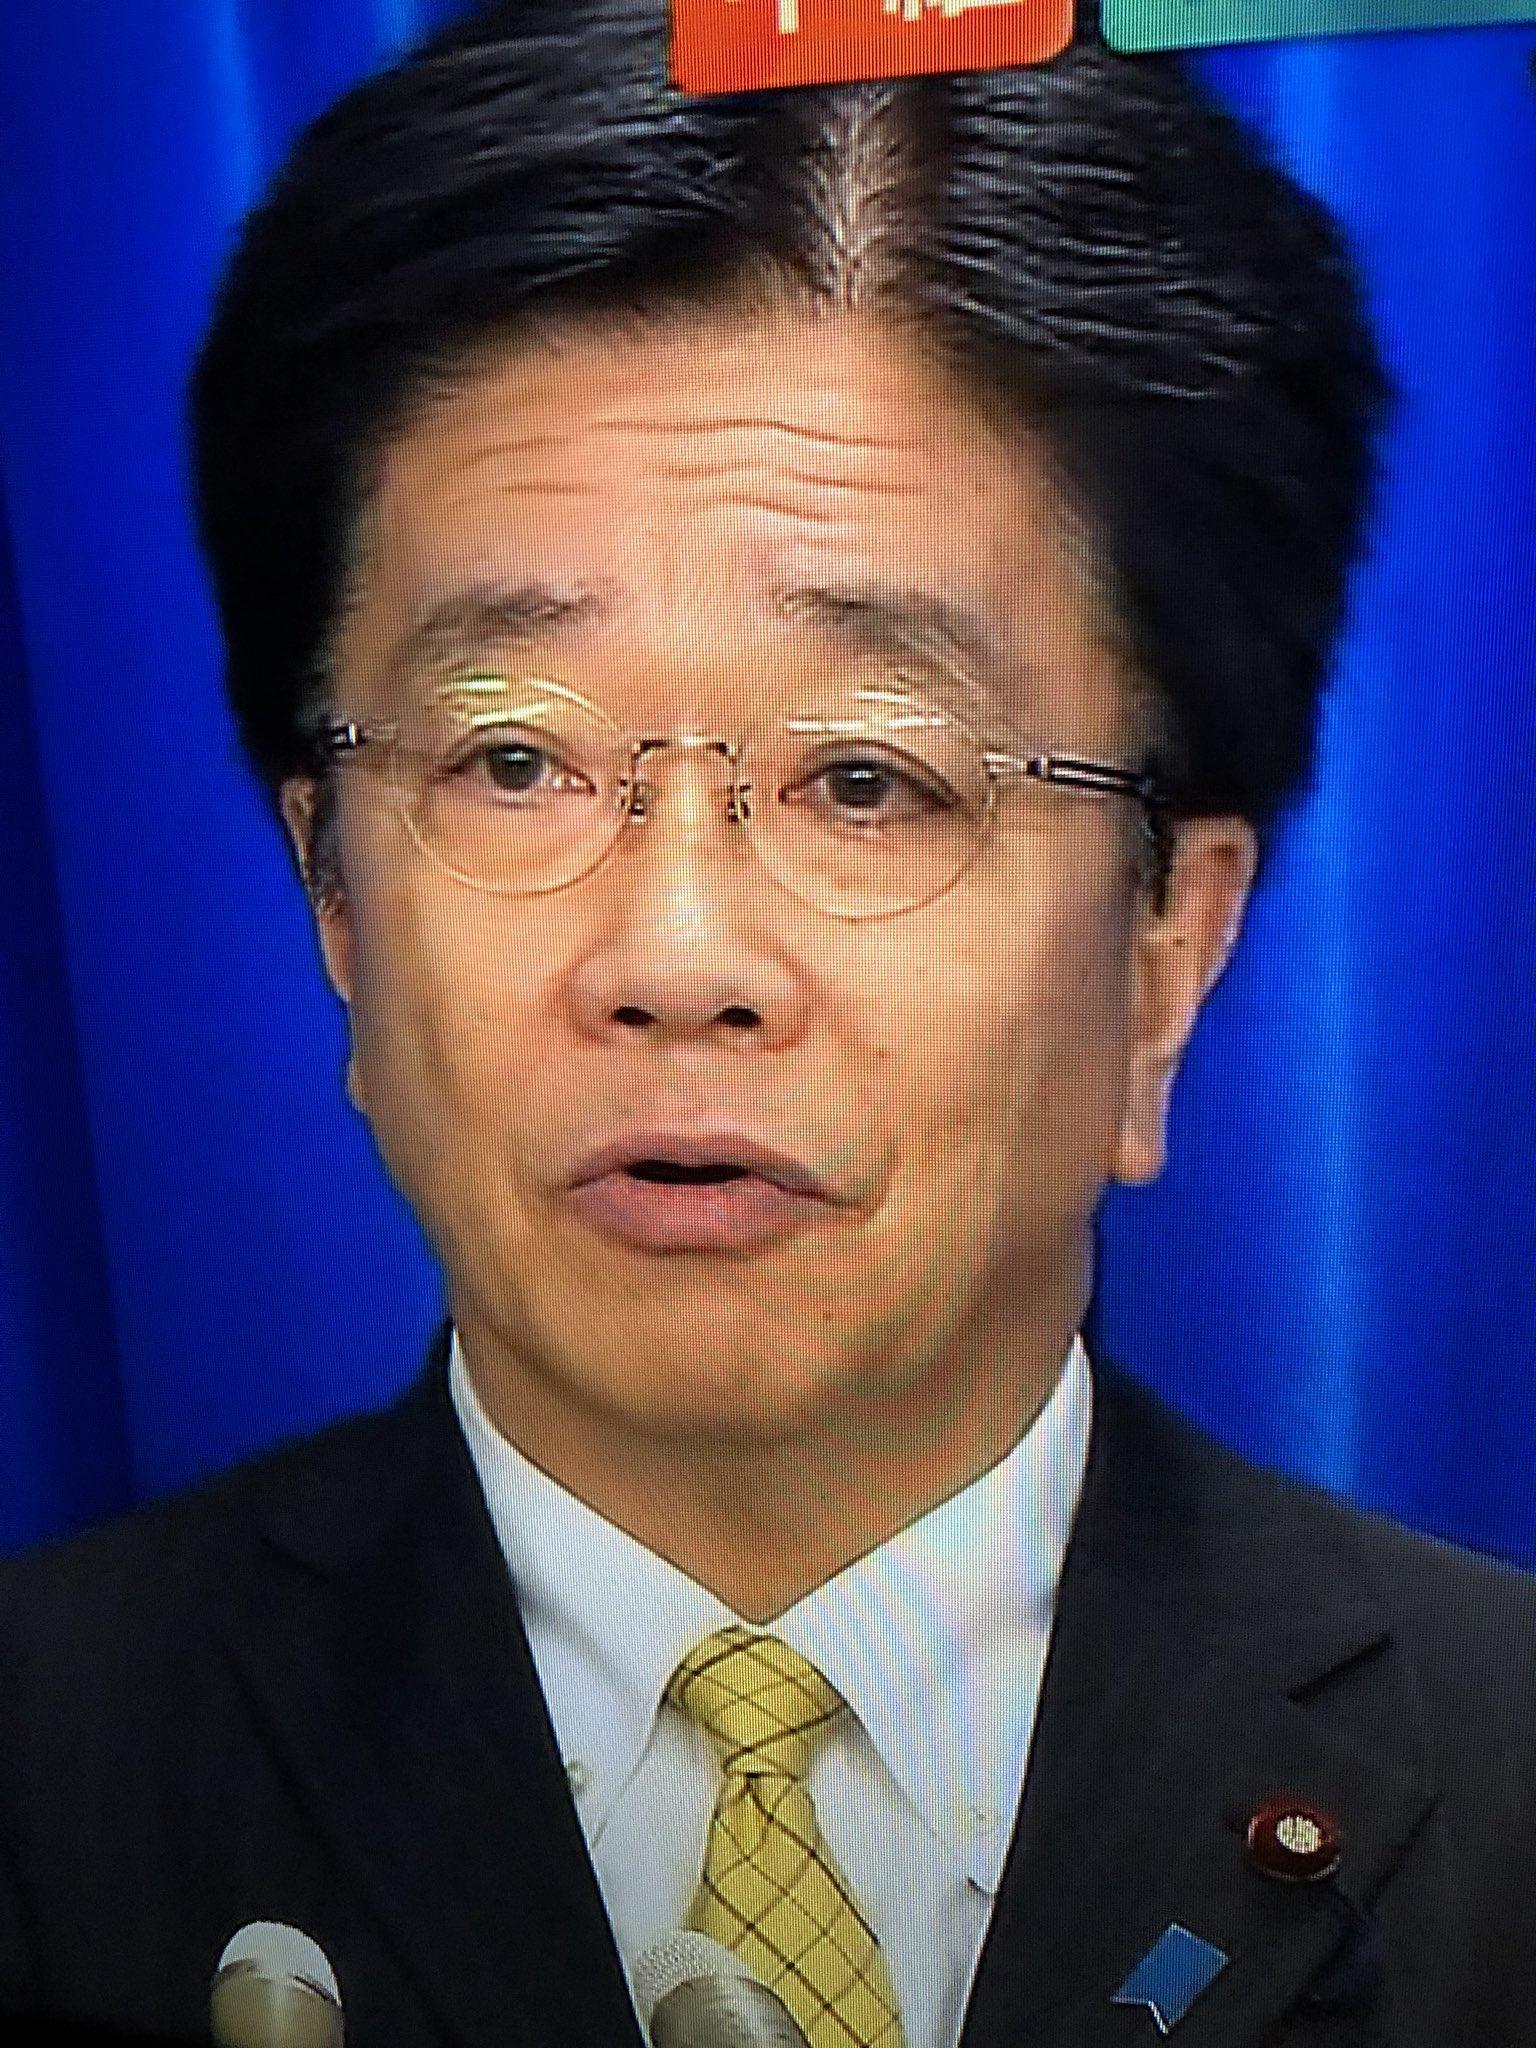 画像,完全に安倍政権の新型COVIT19の感染者神奈川在住80代日本女性が死亡❗️続々国内感染者タクシーの運転手70代。50代外科医。千葉県で20代の男性。その他。日…